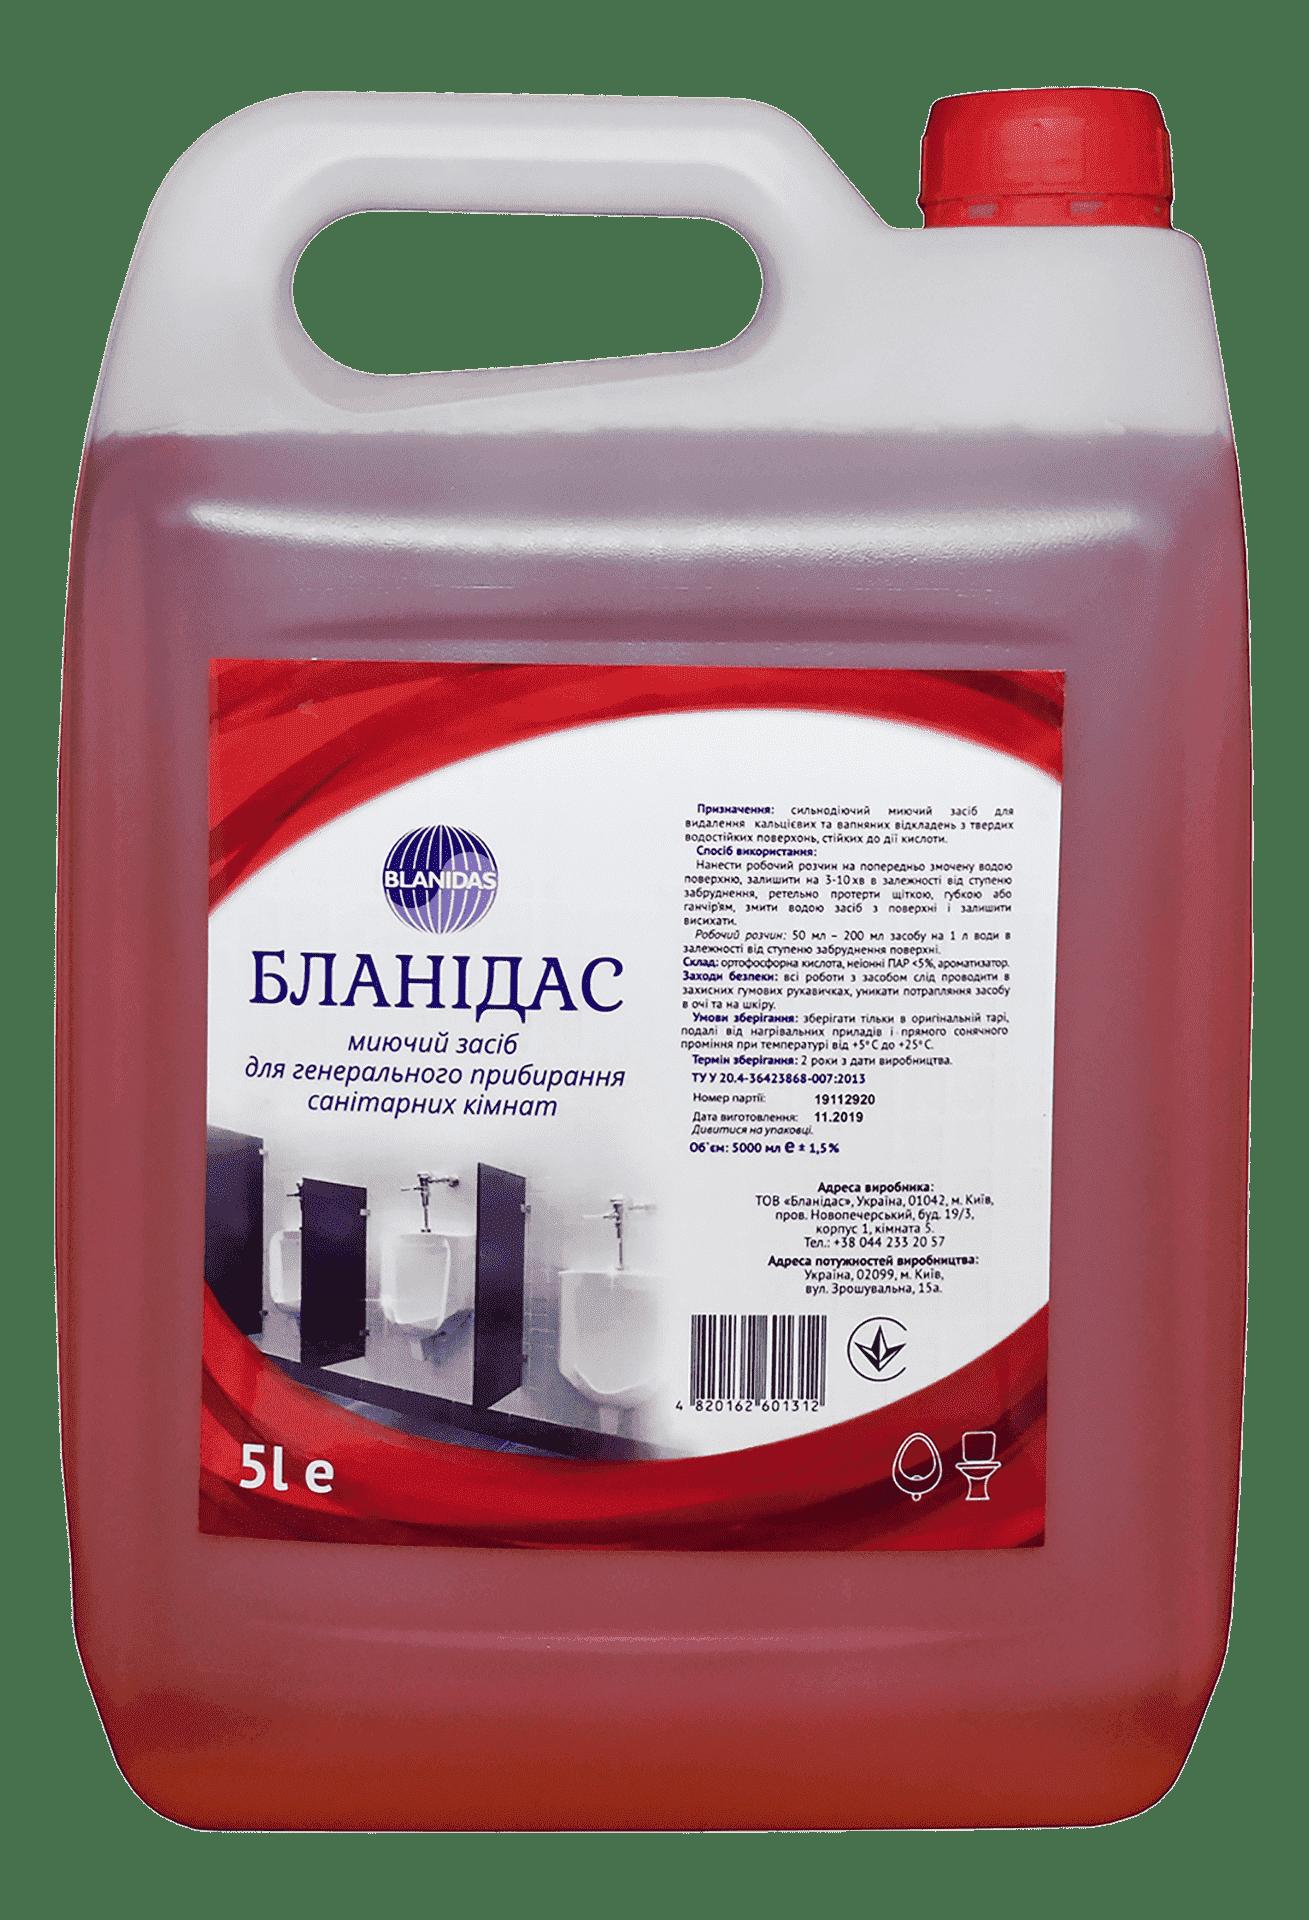 Бланідас- миючий засіб для генерального прибирання санітарних кімнат, 5л